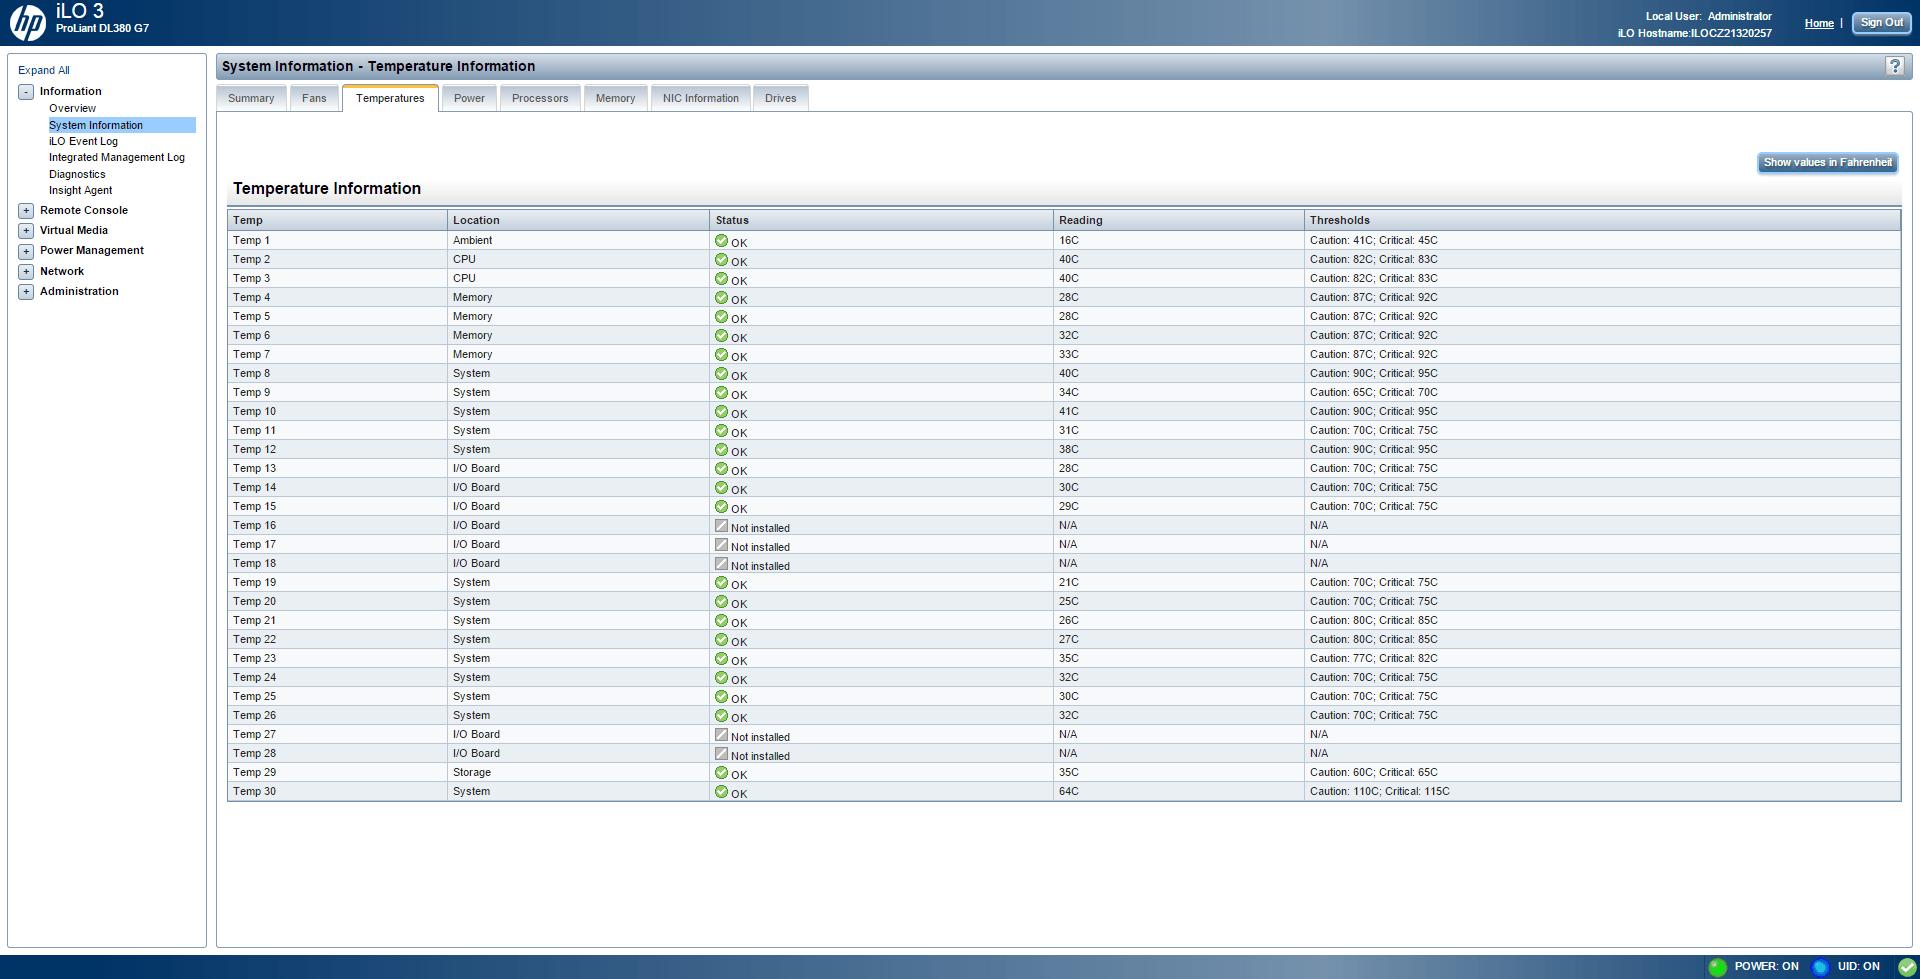 Обзор параметров ILO 3 в HP dl380 g7-05